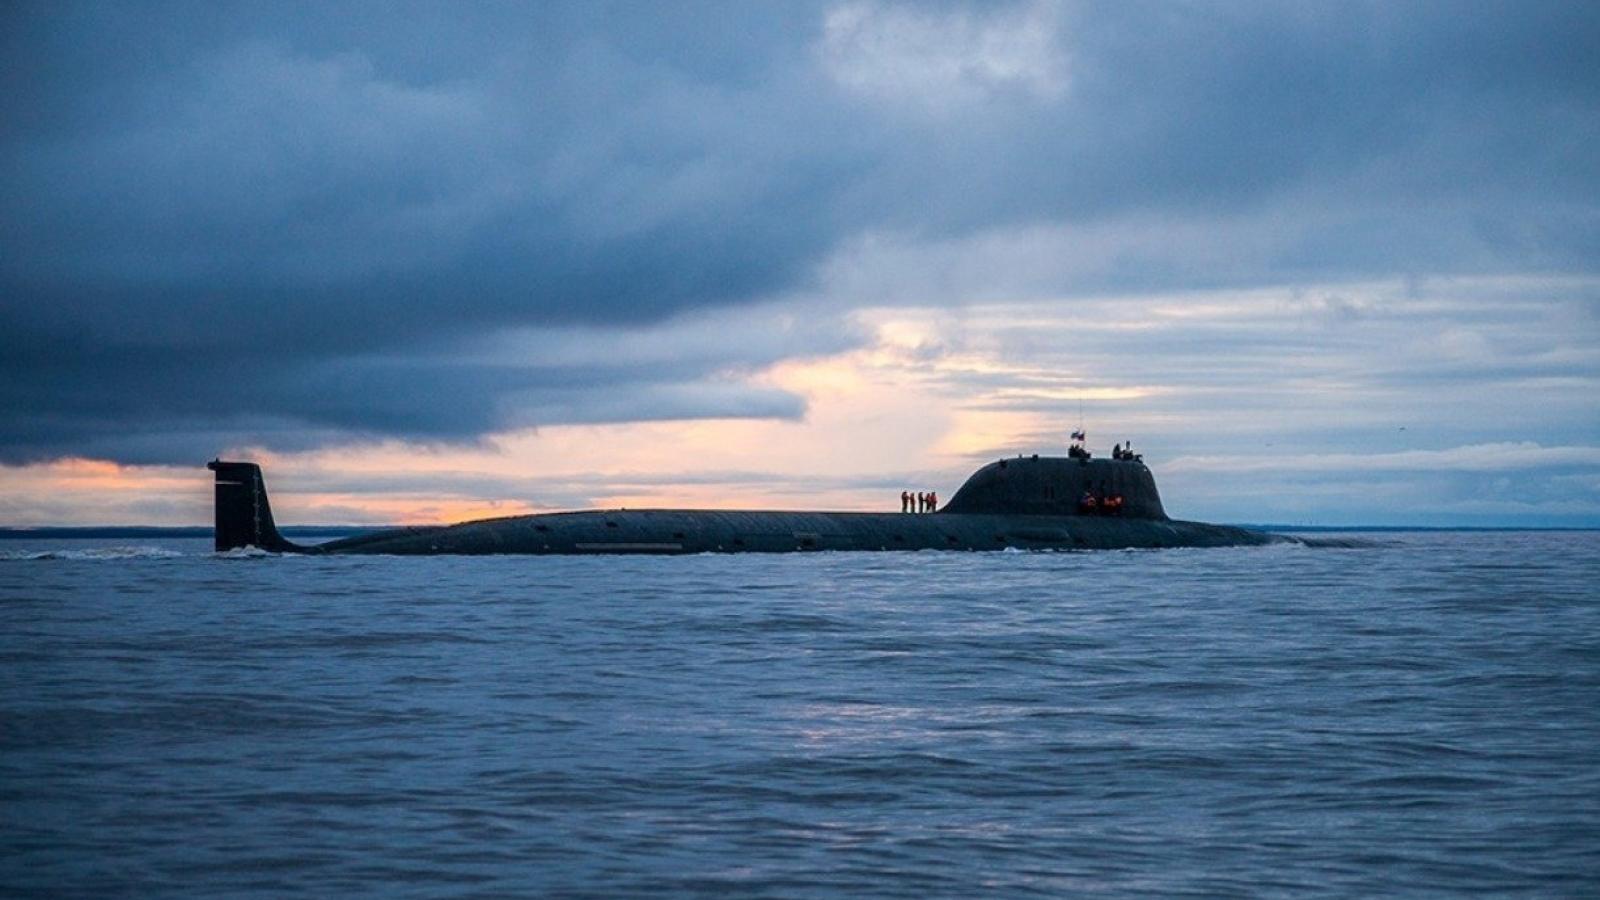 Tàu ngầm Nga trang bị tên lửa siêu thanh - Đối thủ đáng gờm với bất kỳ lực lượng nào